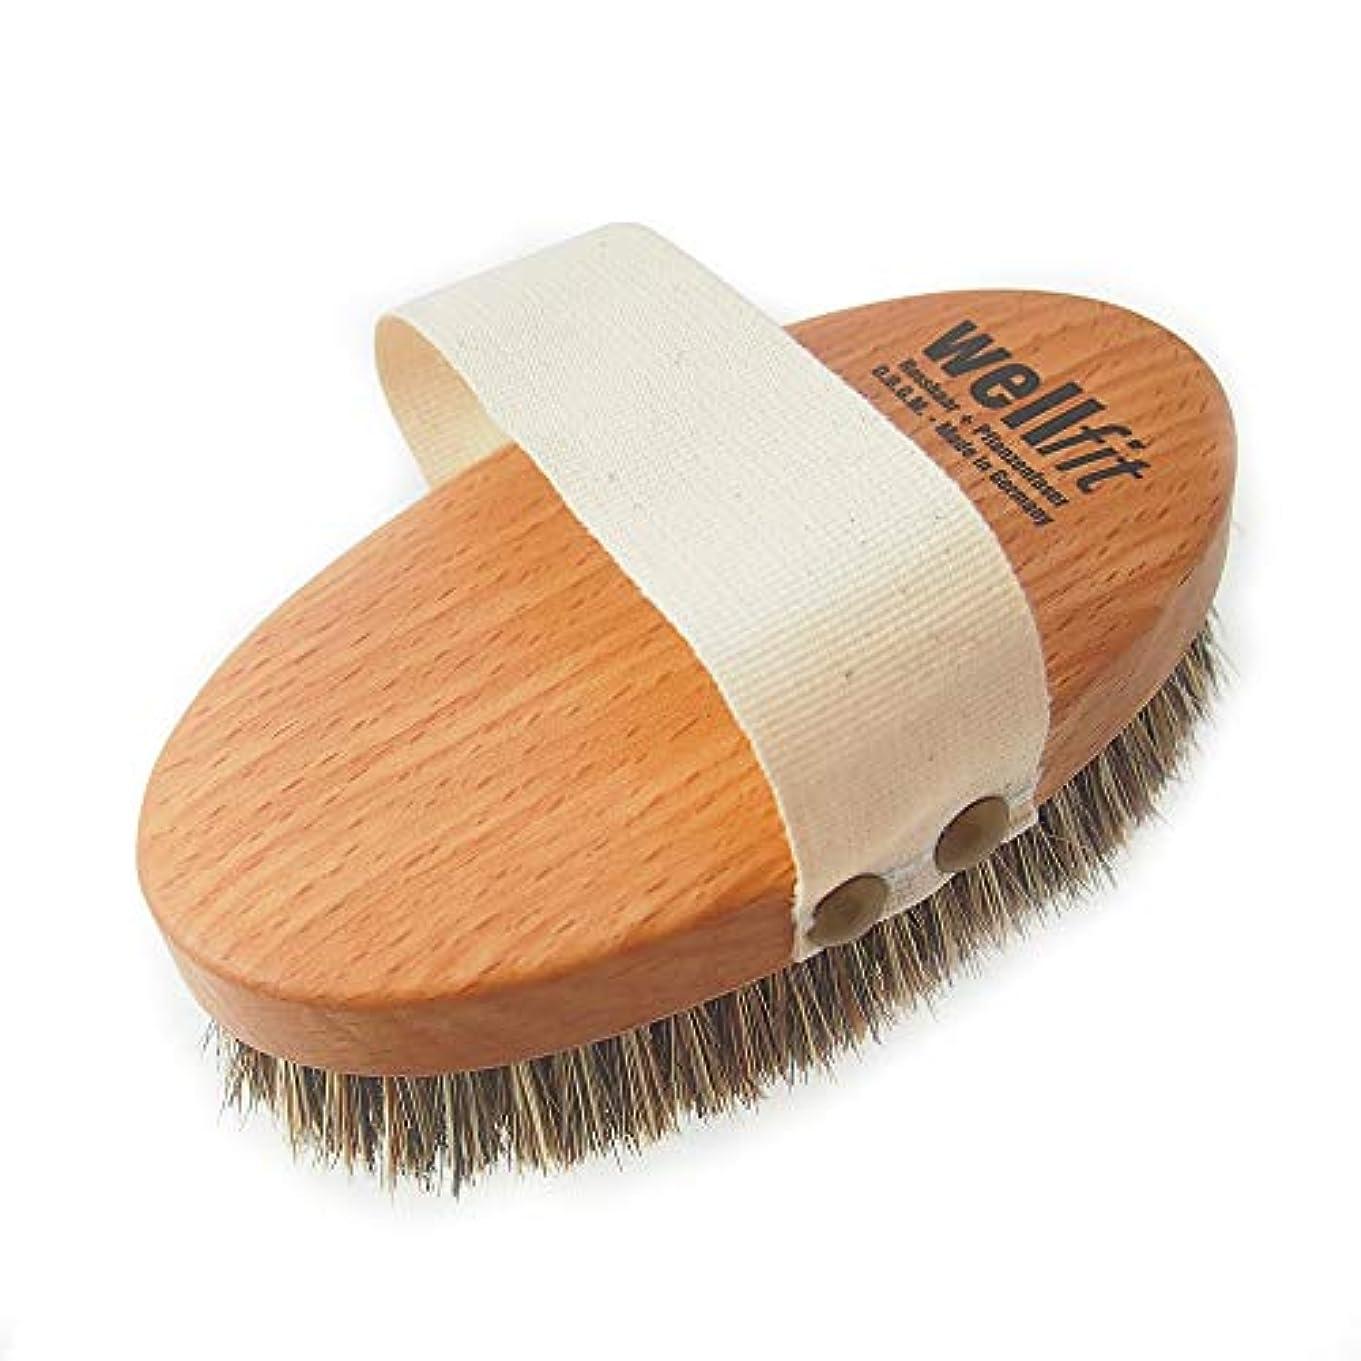 うまれたガイド手を差し伸べるレデッカー Redecker マッサージブラシ(ミディアムハード 馬毛と植物毛の混毛植毛) 正規品